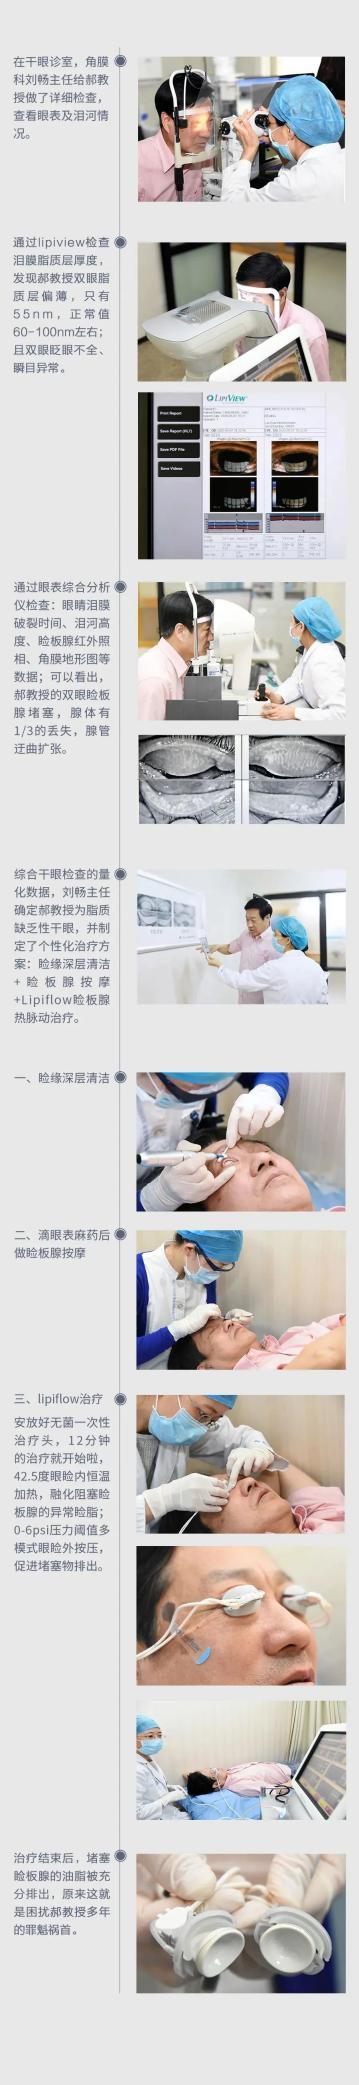 眼睛干痒、眼睛委靡、眼睛除螨虫、眼睛干燥,看眼科专家若何治疗干眼症